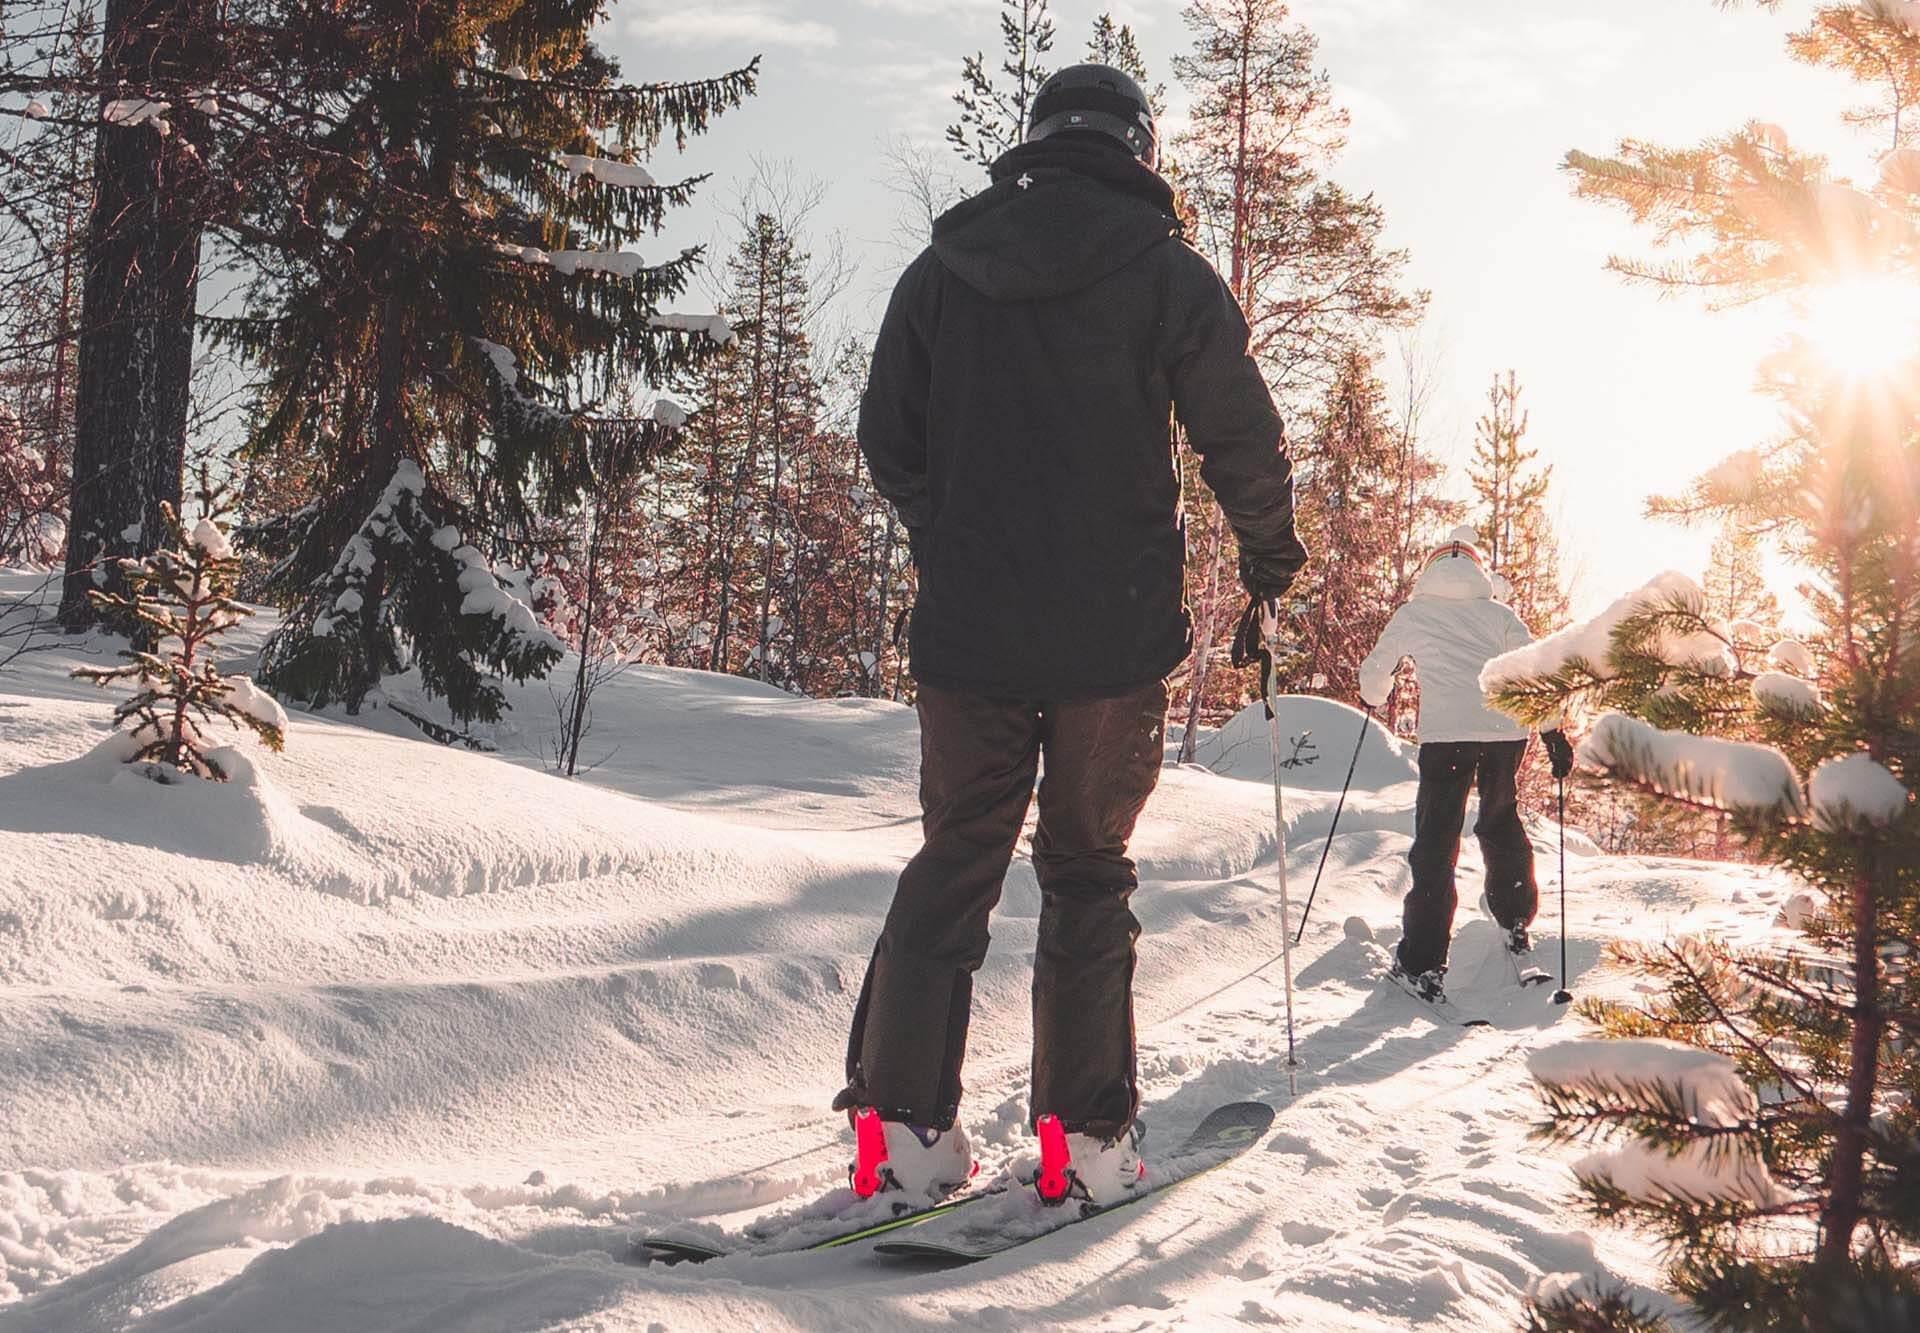 Serwis narciarski i snowboardowy